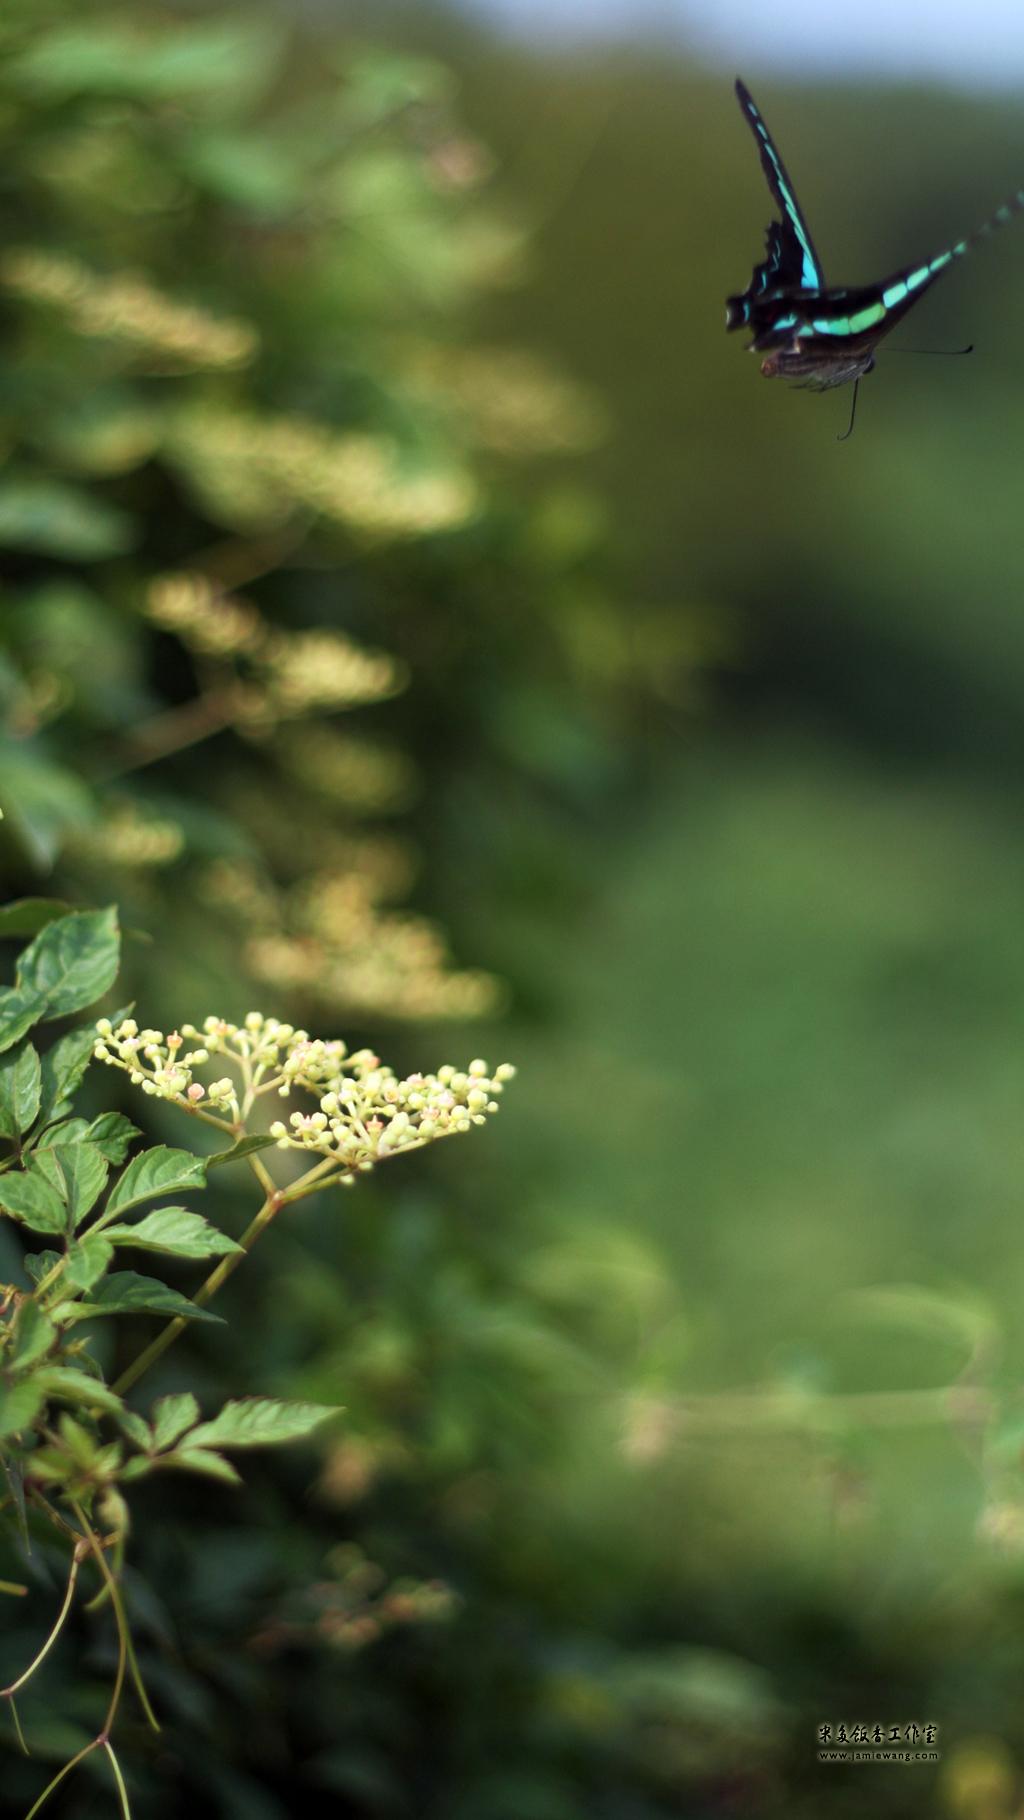 莫愁湖畔莫愁蝶 - butterfly - 1024X576 - 米多饭香工作室 - Jamie's Mind Lab - jamiewang.com - 012